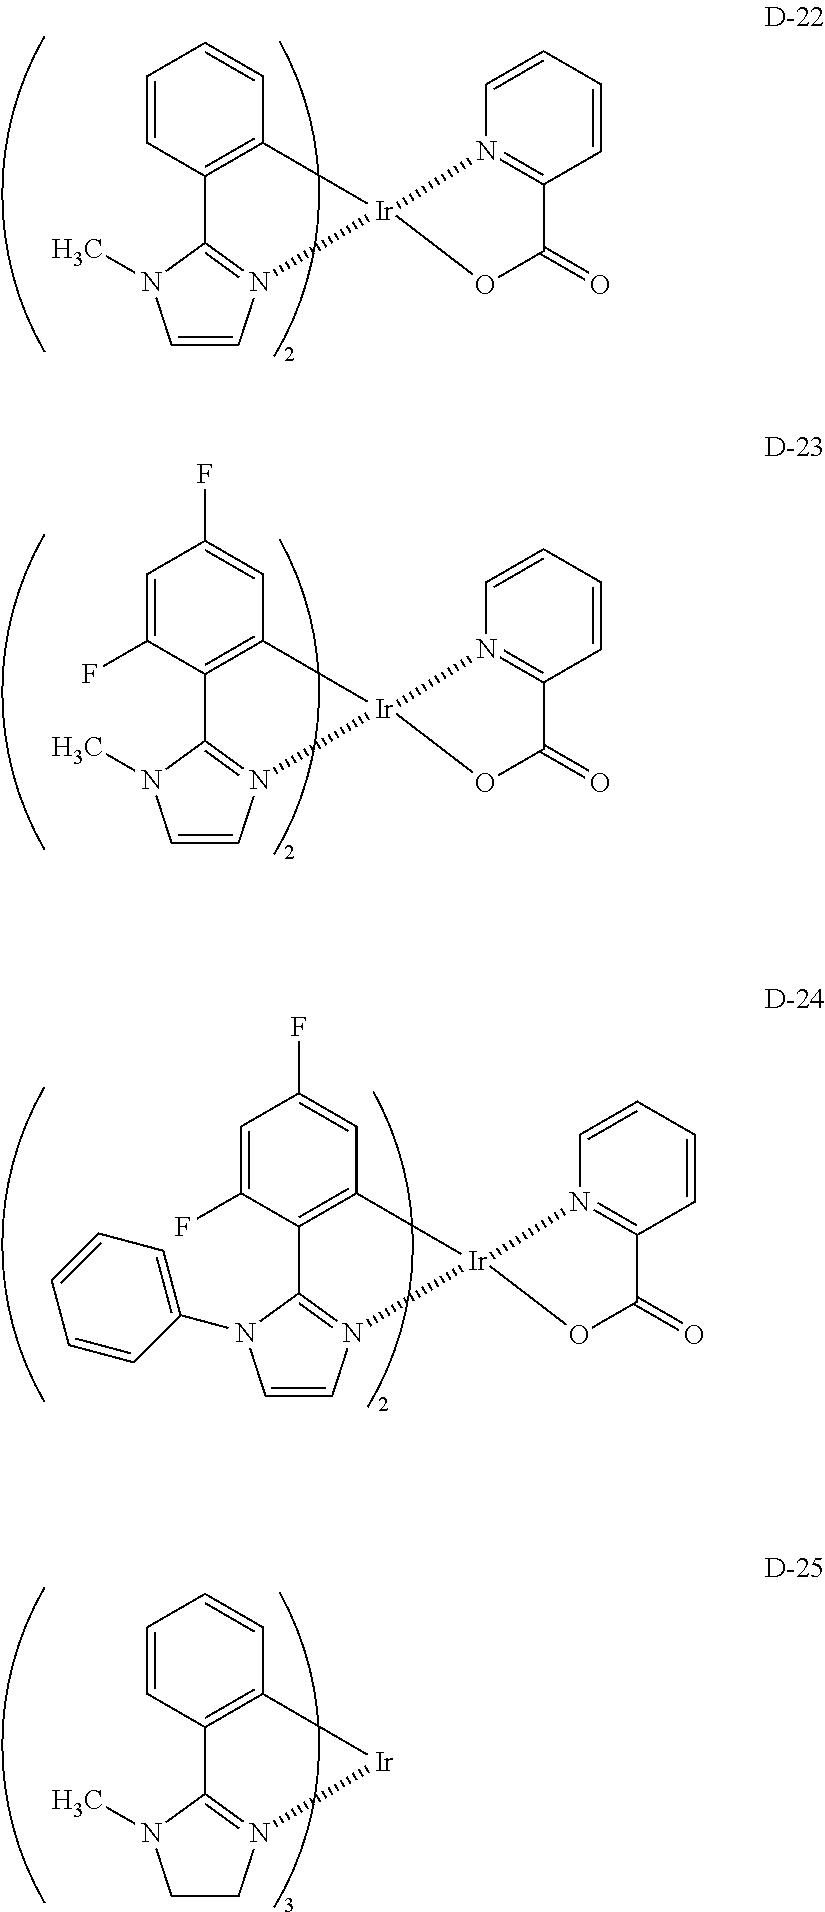 Figure US09935269-20180403-C00069